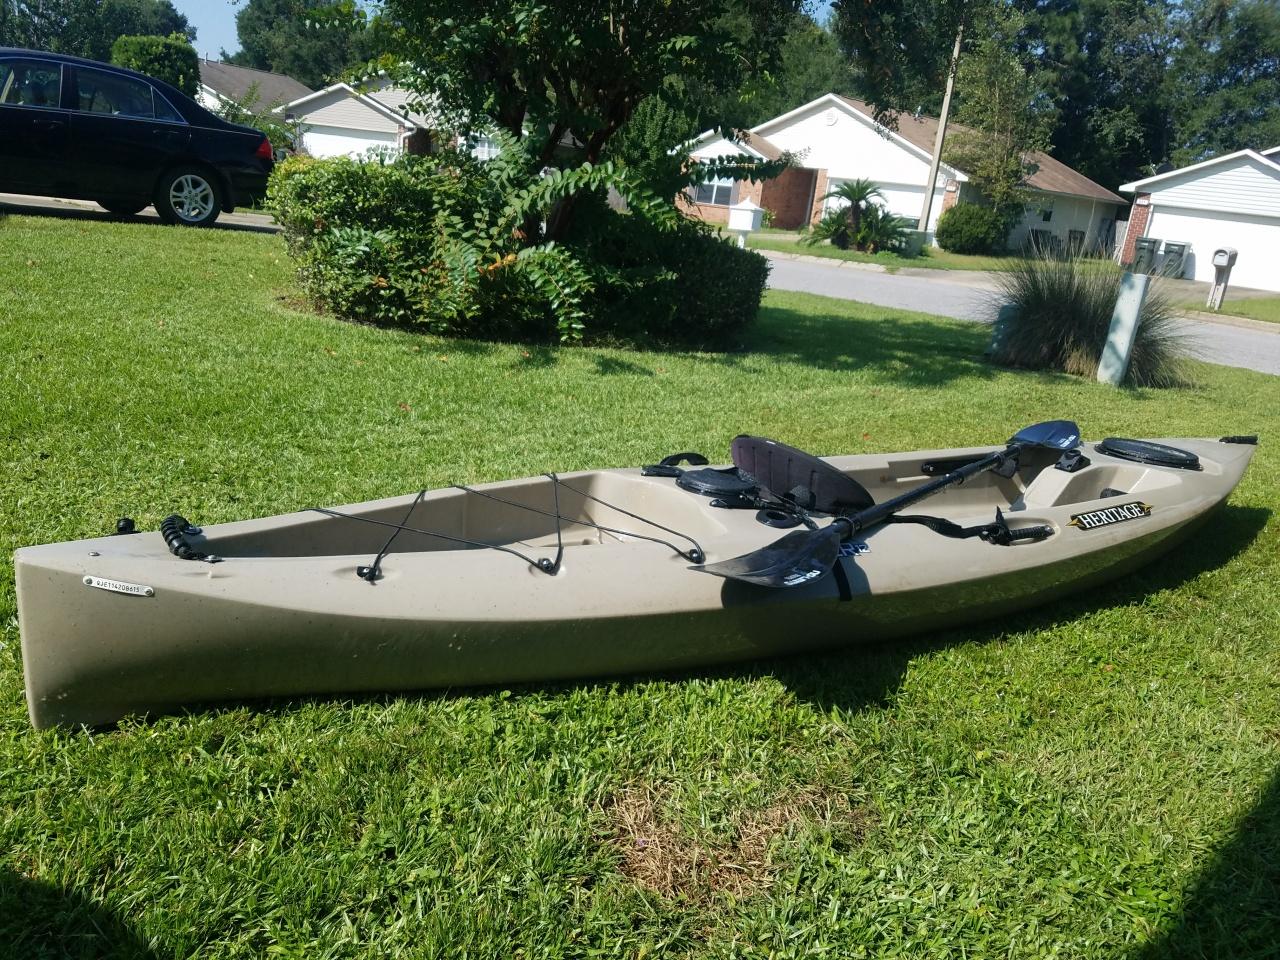 Heritage Angler 12 Kayak - 0-20180822_095952-jpg